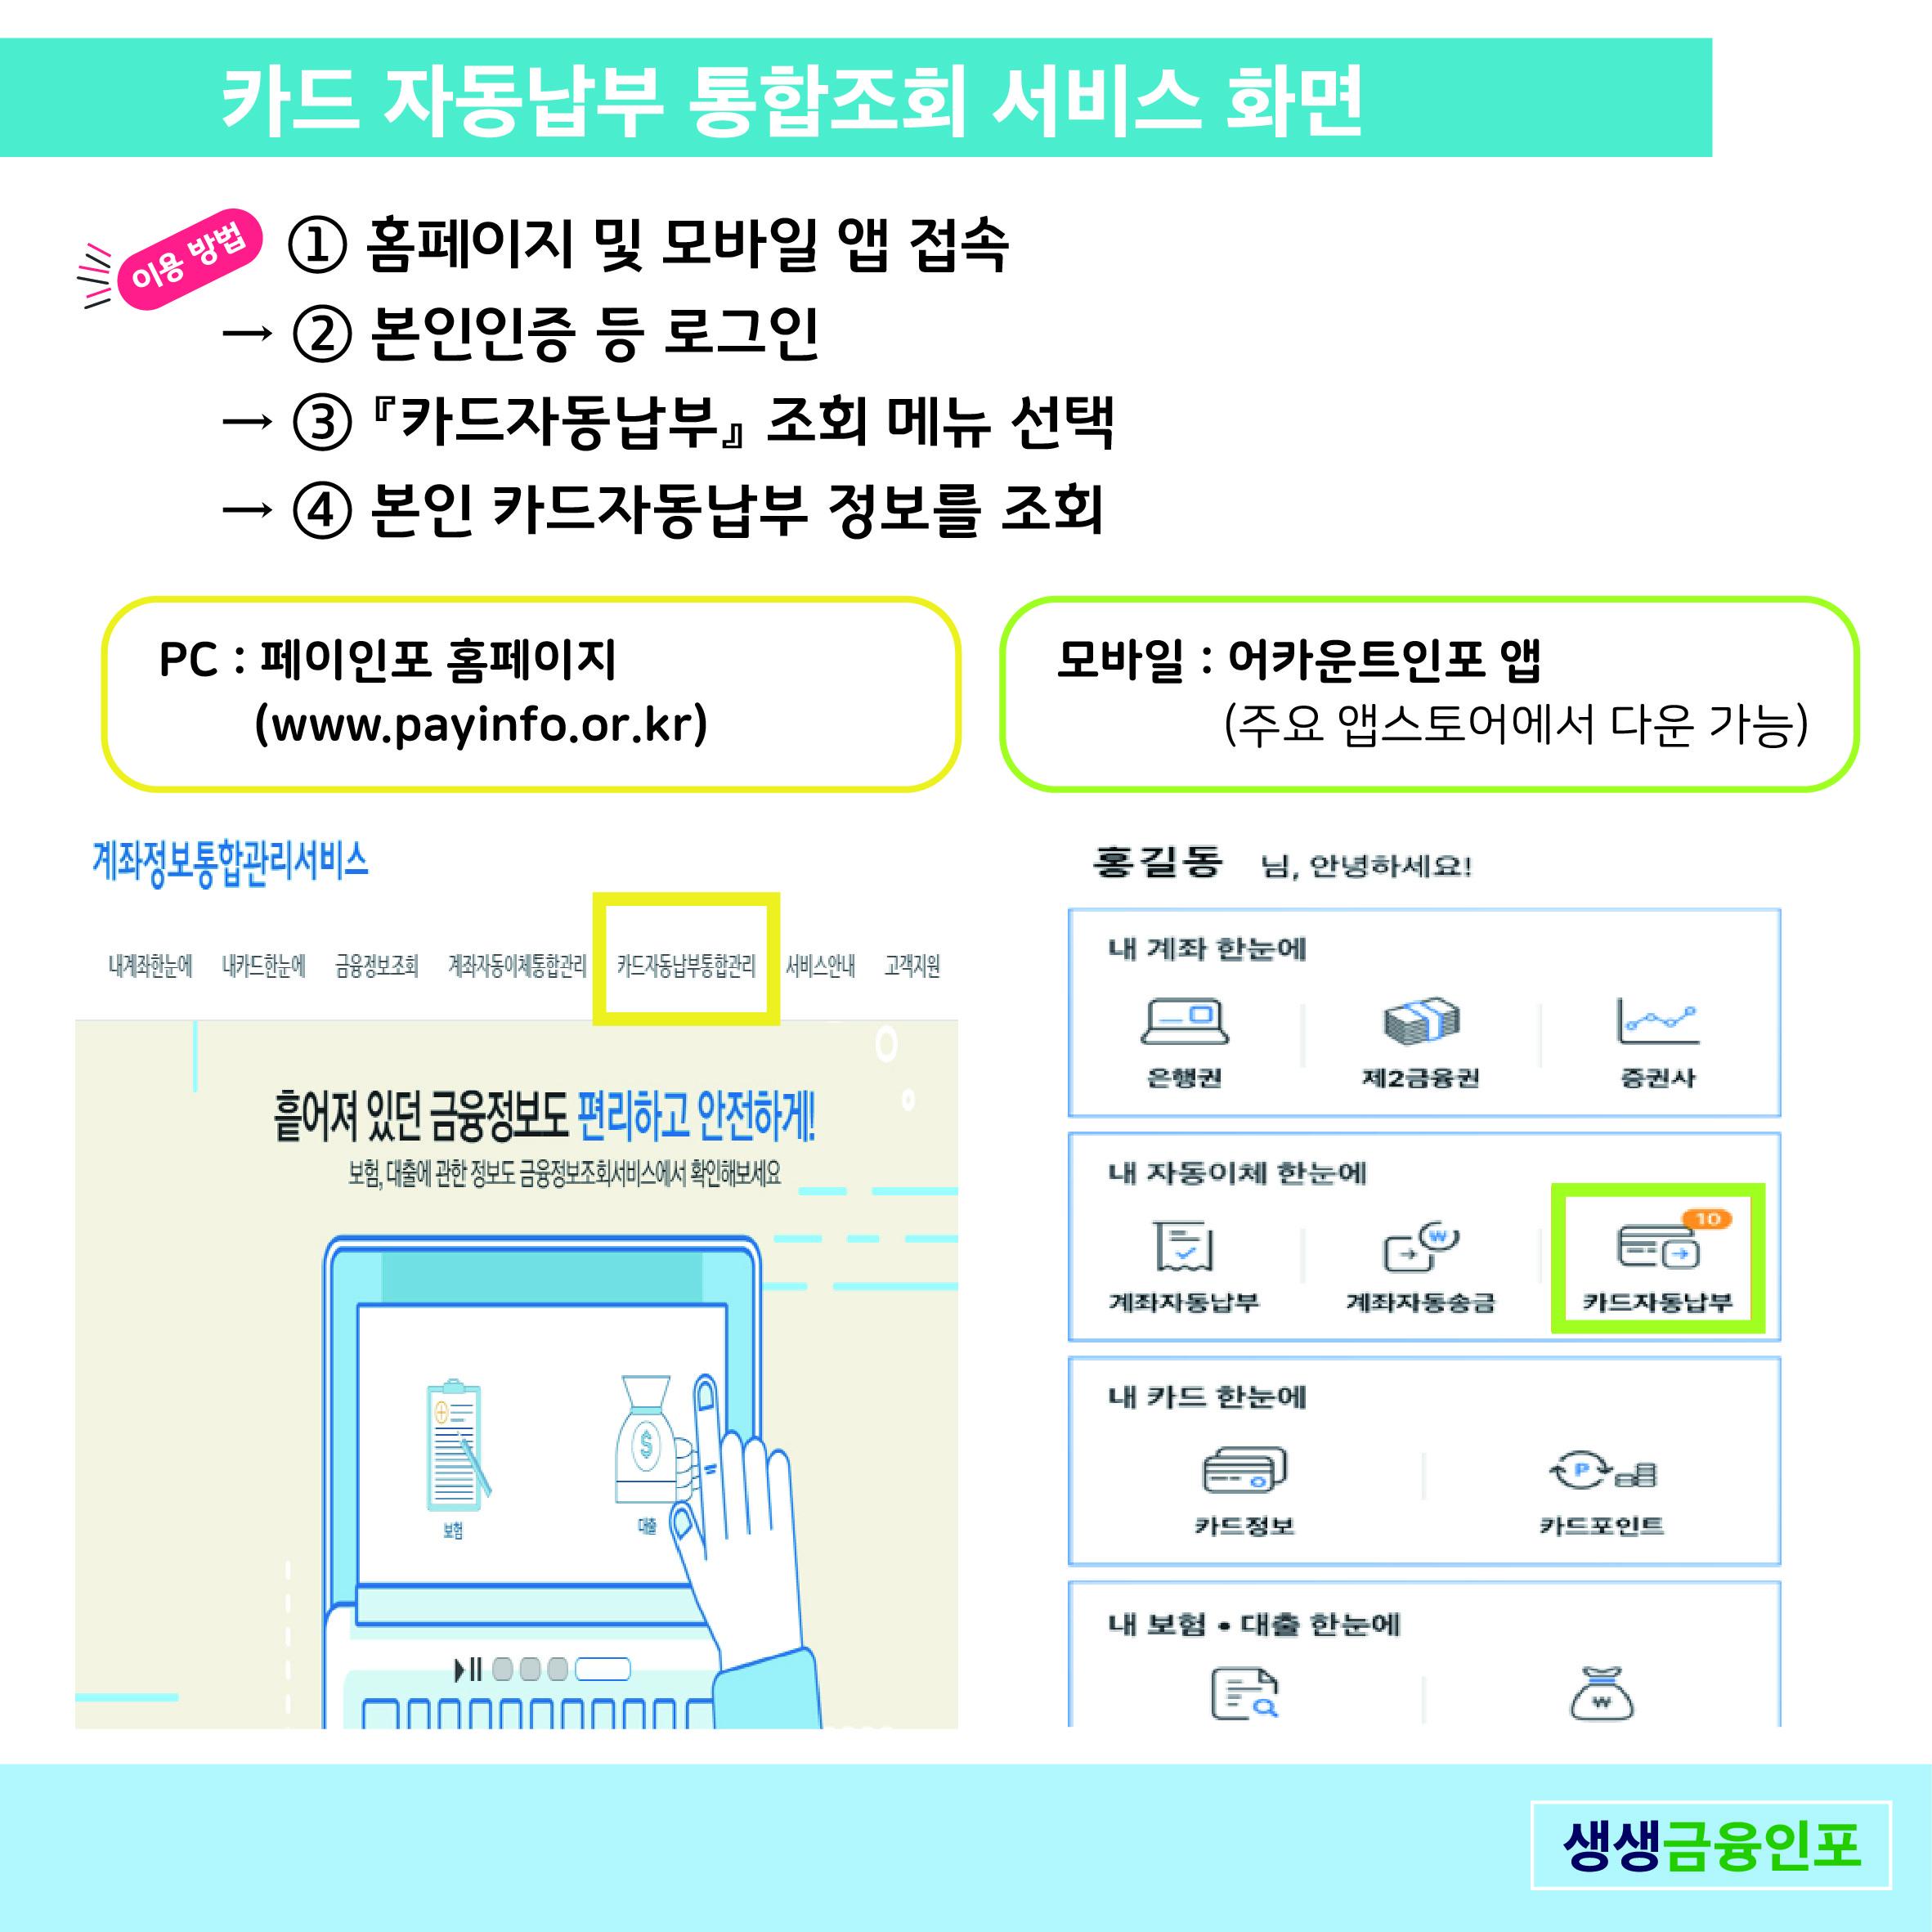 카드 자동납부 통합조회 서비스 화면 이용방법 1. 홈페이지 및 모바일 앱 접속(PC : 페이인포 홈페이지 www.payinfo.or.kr, 모바일 : 어카운트인포 앱, 주요 앱스토어에서 다운 가능) 2. 본인인증 등 로그인 3. 카드자동납부 조회 메뉴 선택 4. 본인 카드자동납부 정보를 조회